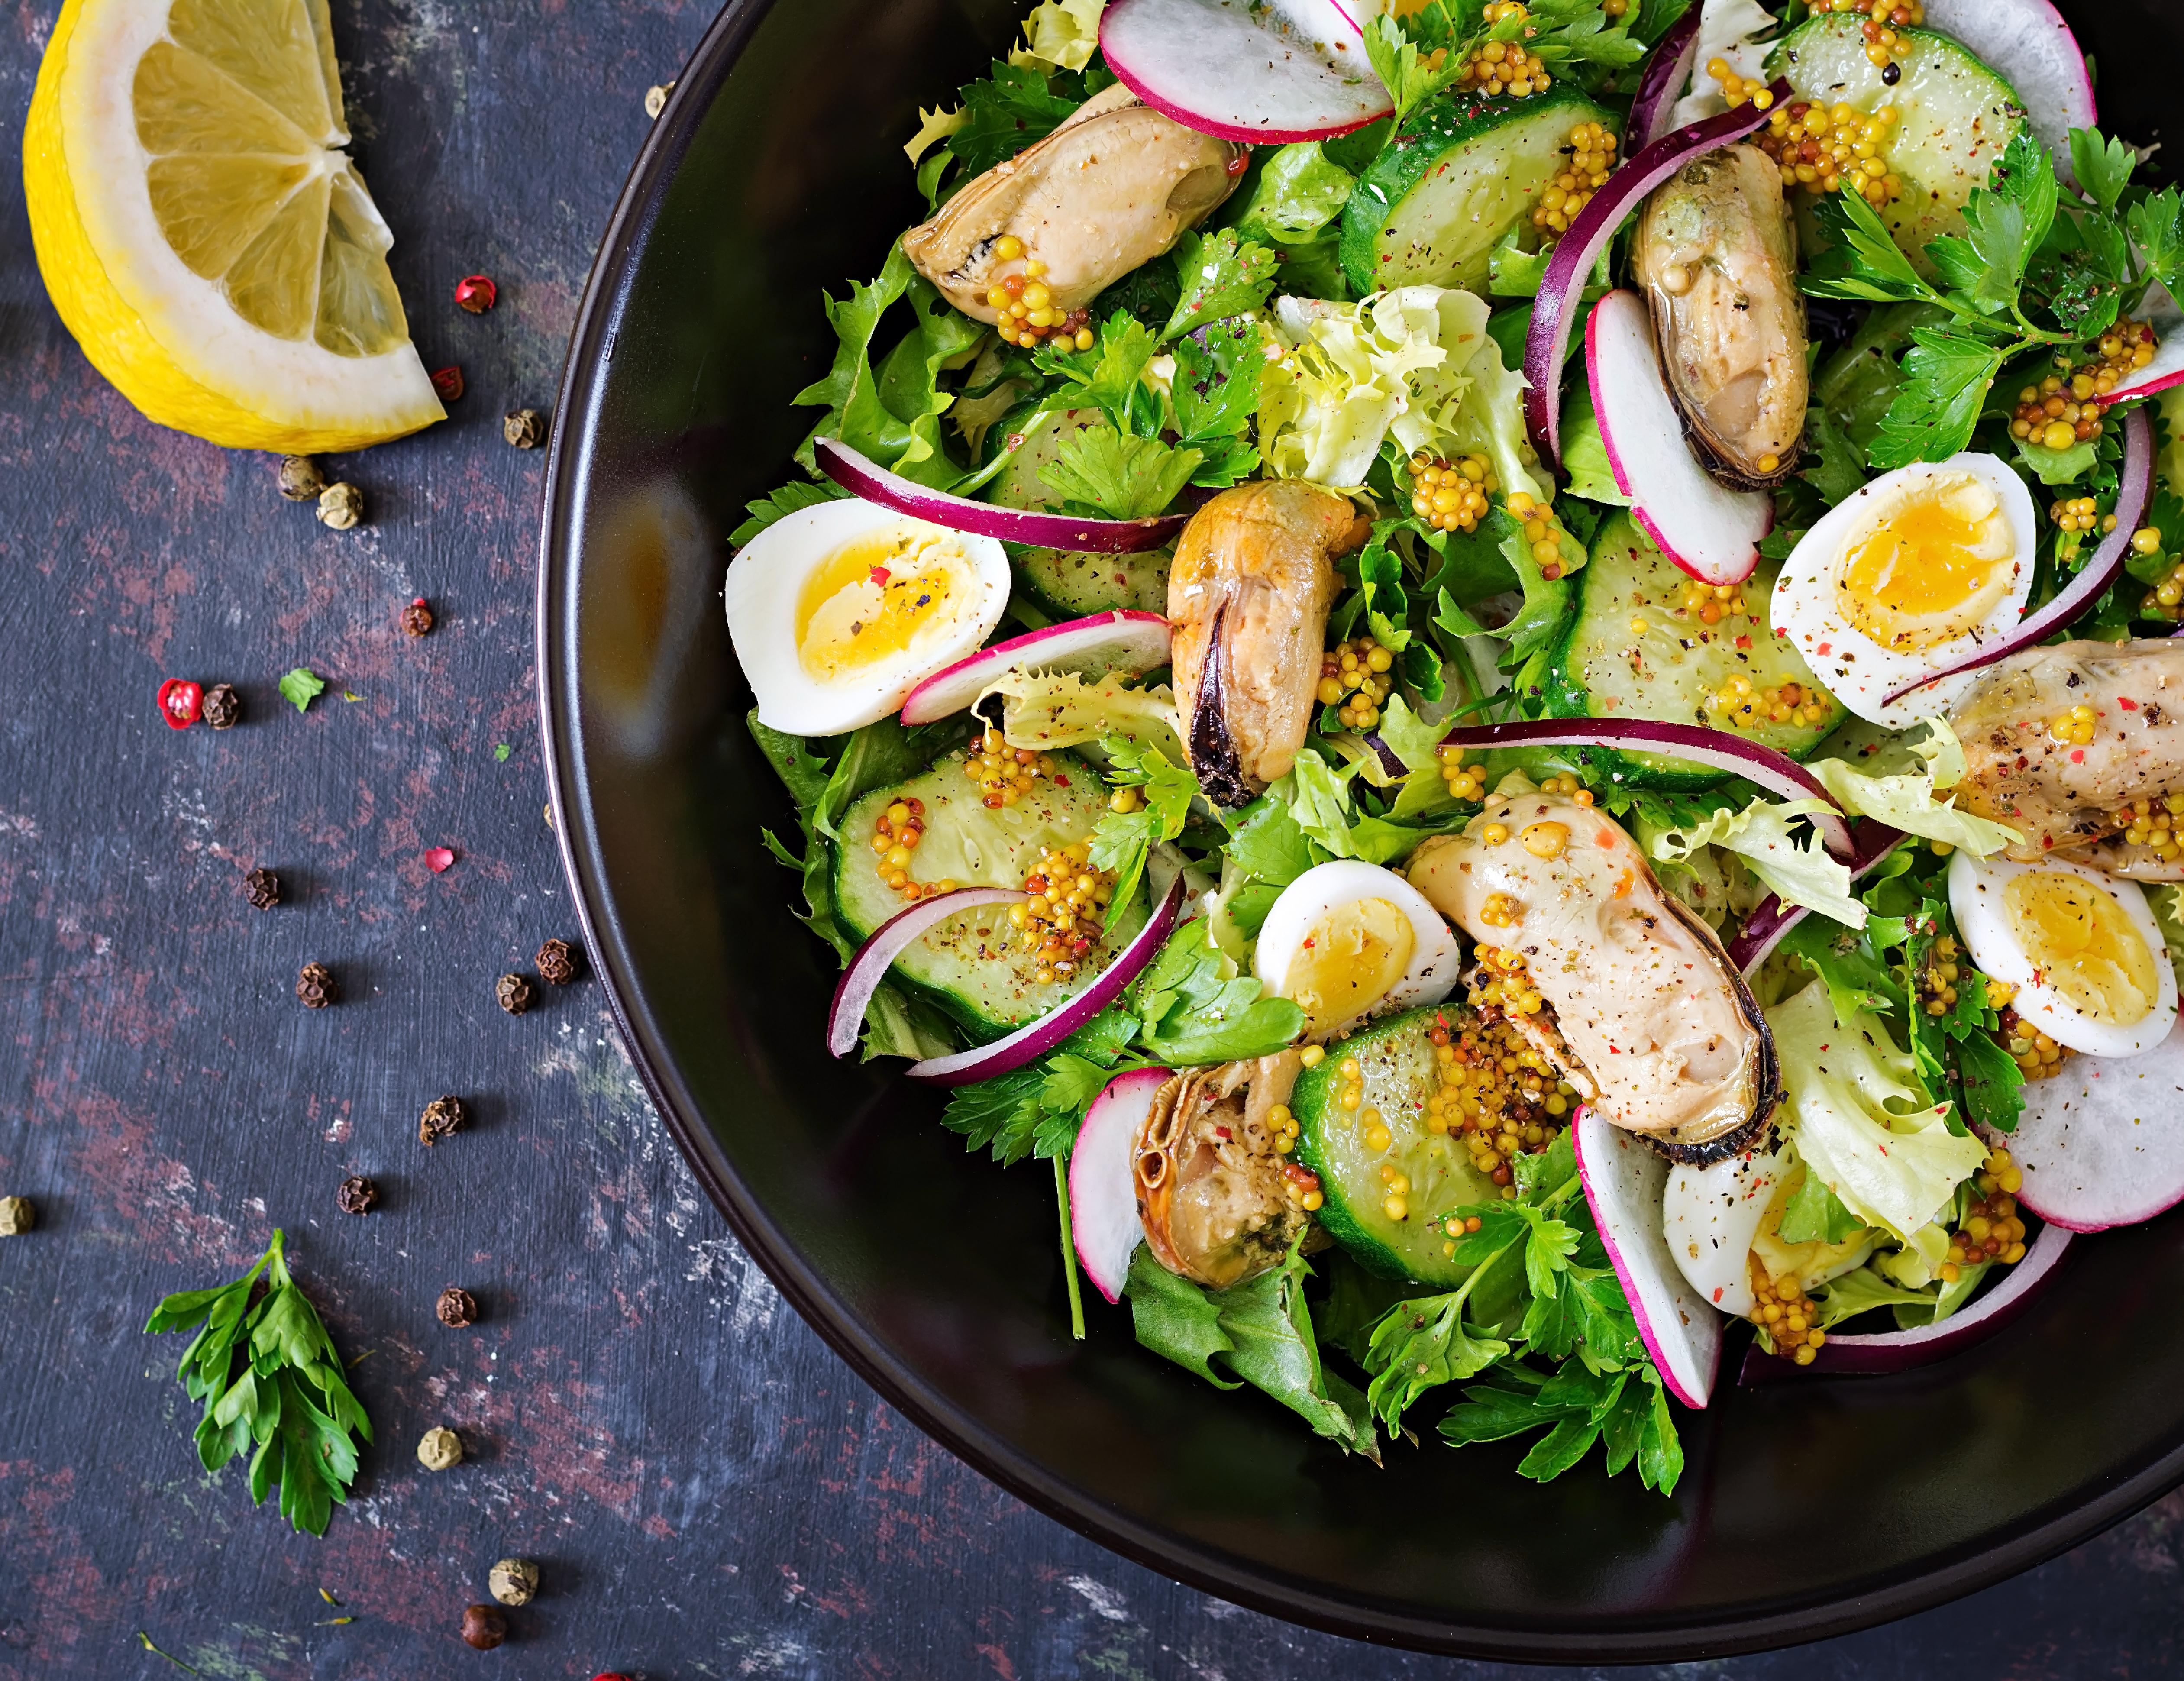 Салат с маринованными мидиями и перепелиными яйцами